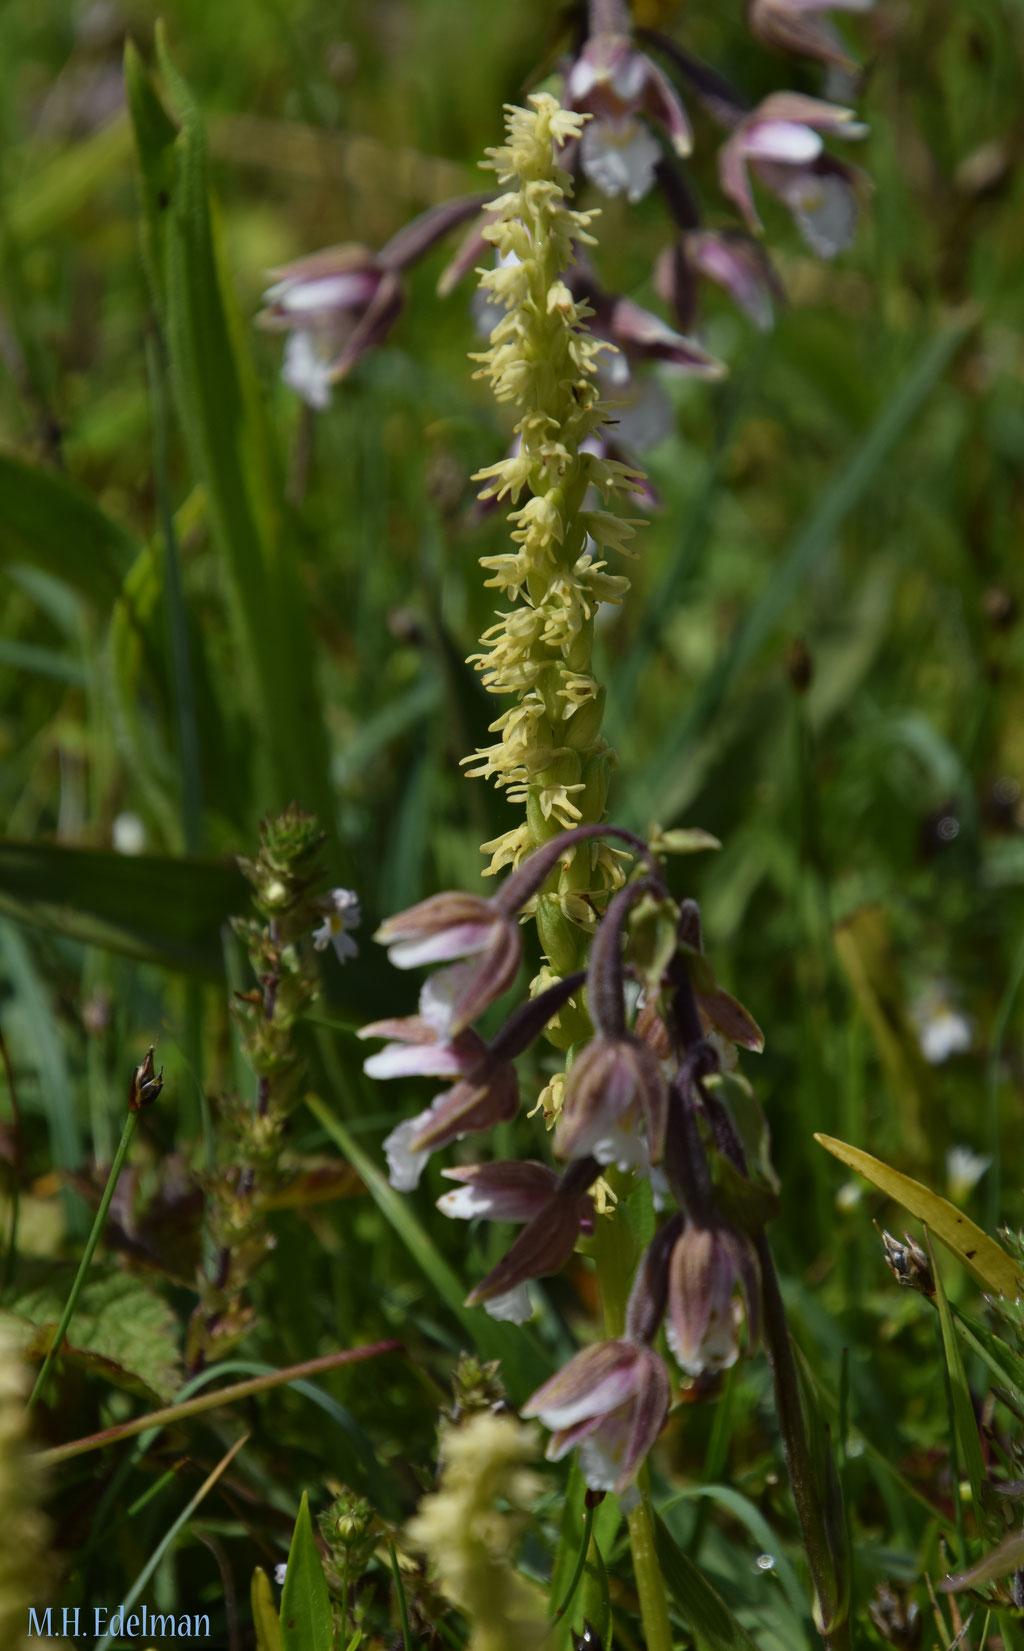 Herminium monorchis - Honingorchis